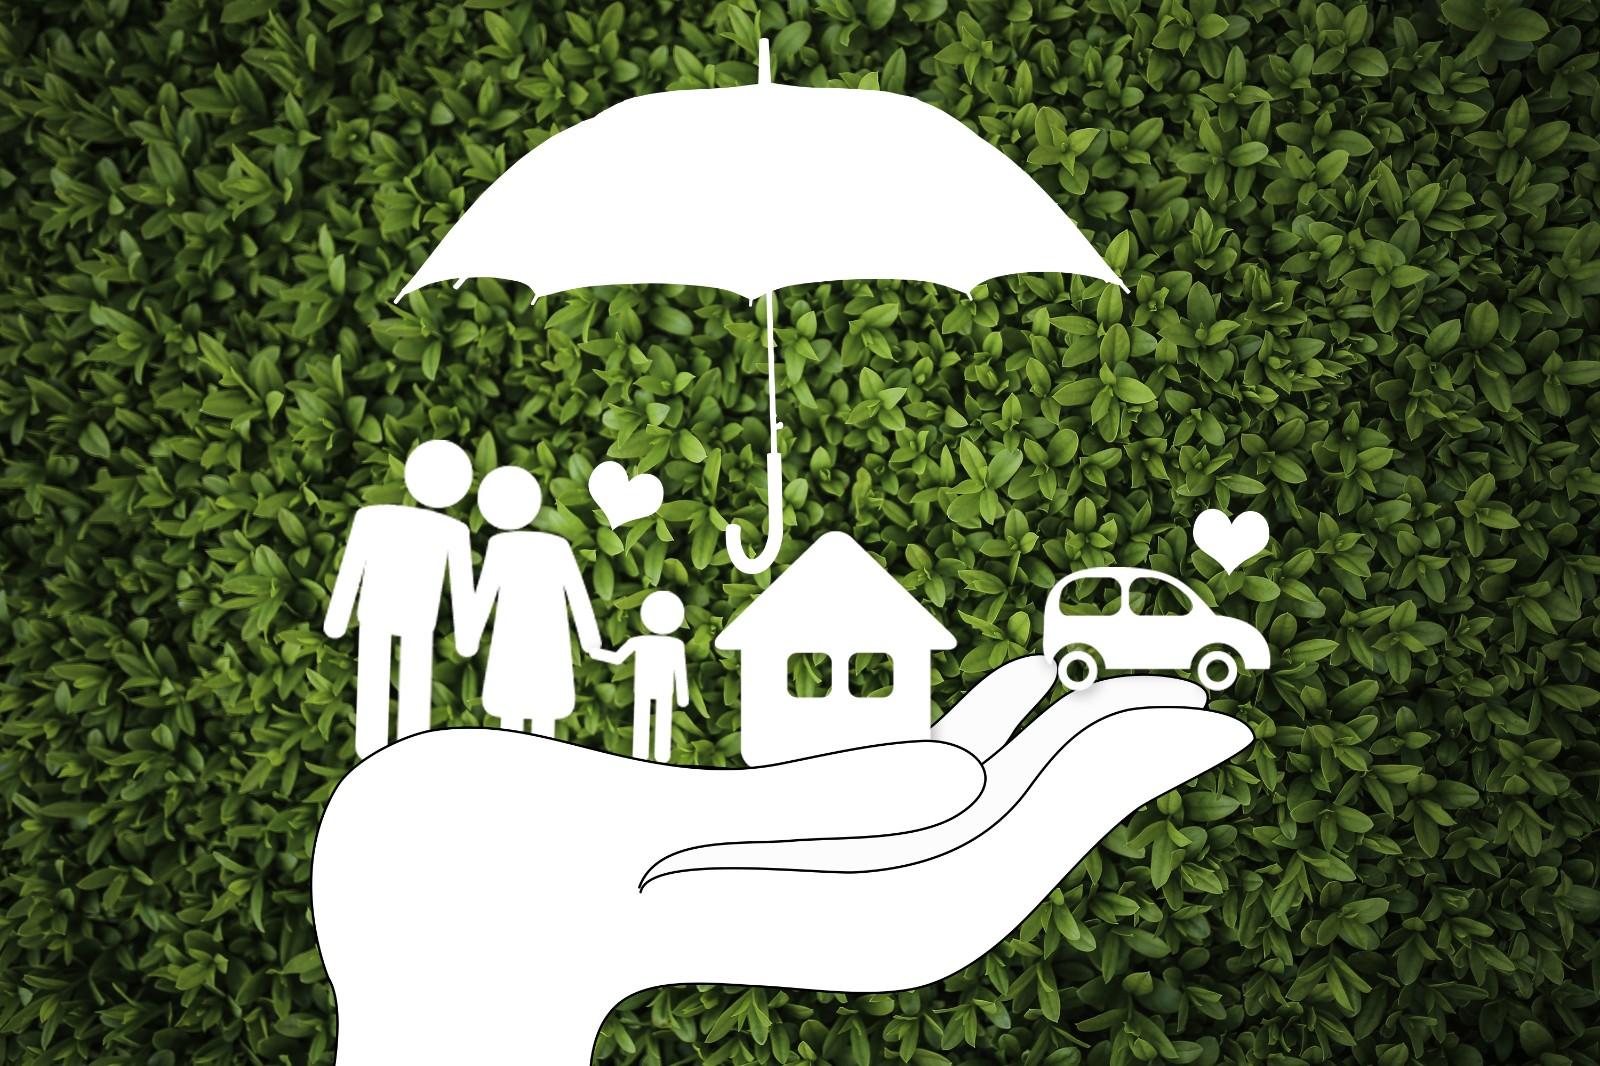 纯干货分享!商业保险购买攻略,适合自己的才是最好的!